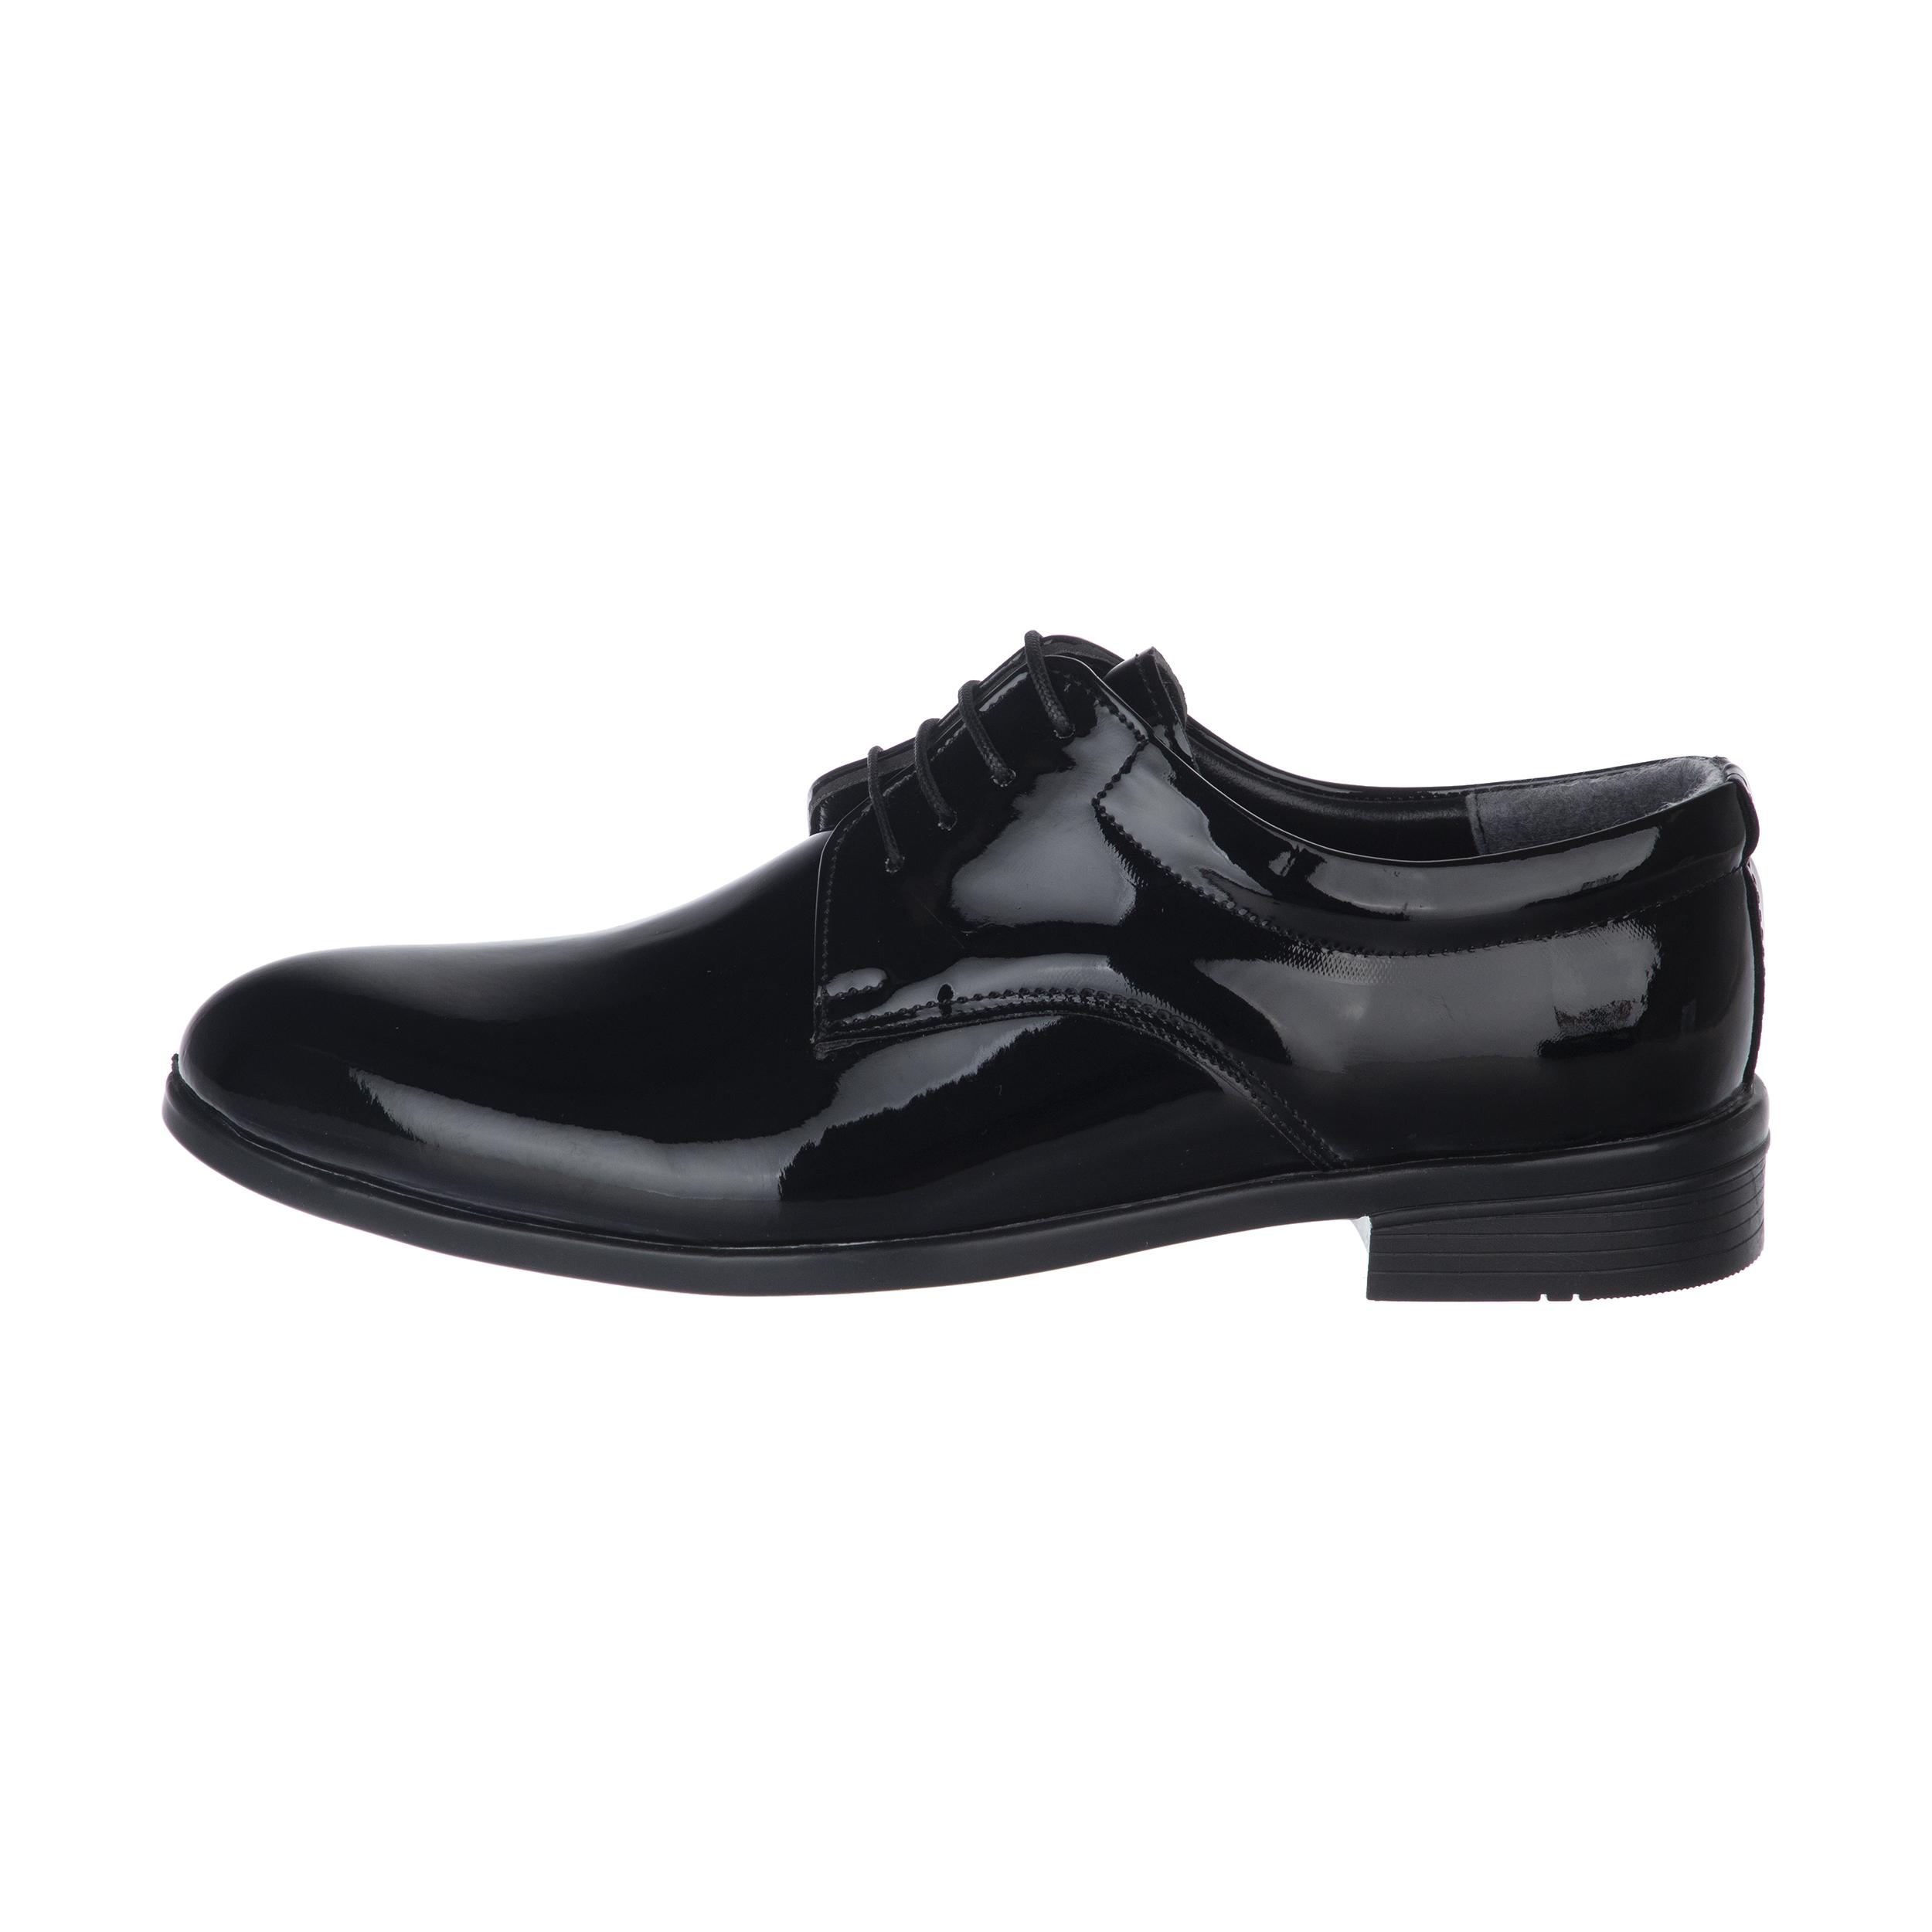 کفش مردانه توس مدل k.baz.103